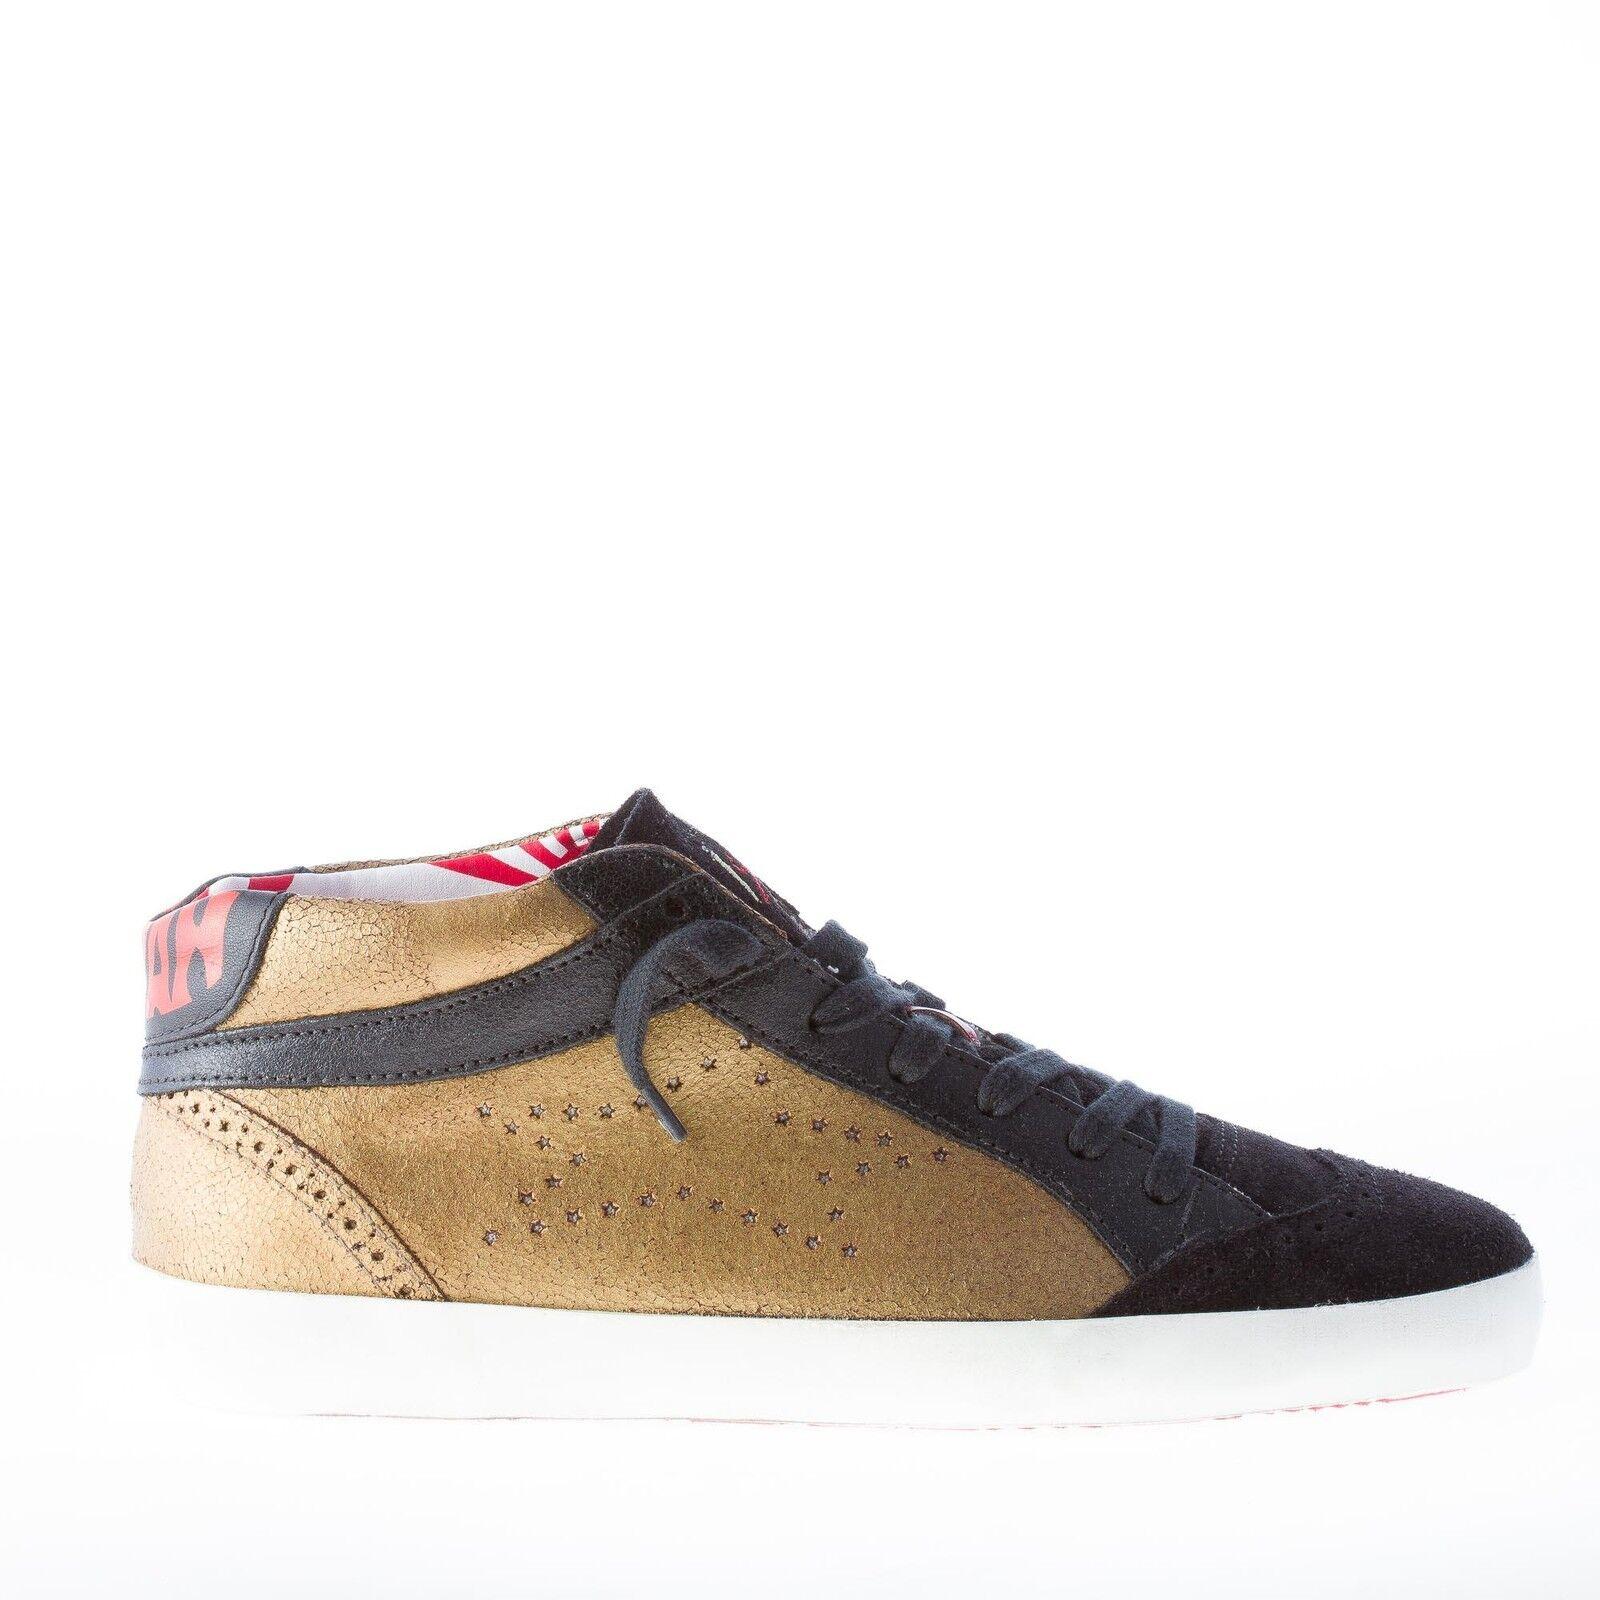 Ishikawa Mujeres Zapatos Tenis De Cuero oro tono tono tono envejecido con detalles negro de alta  hasta un 60% de descuento